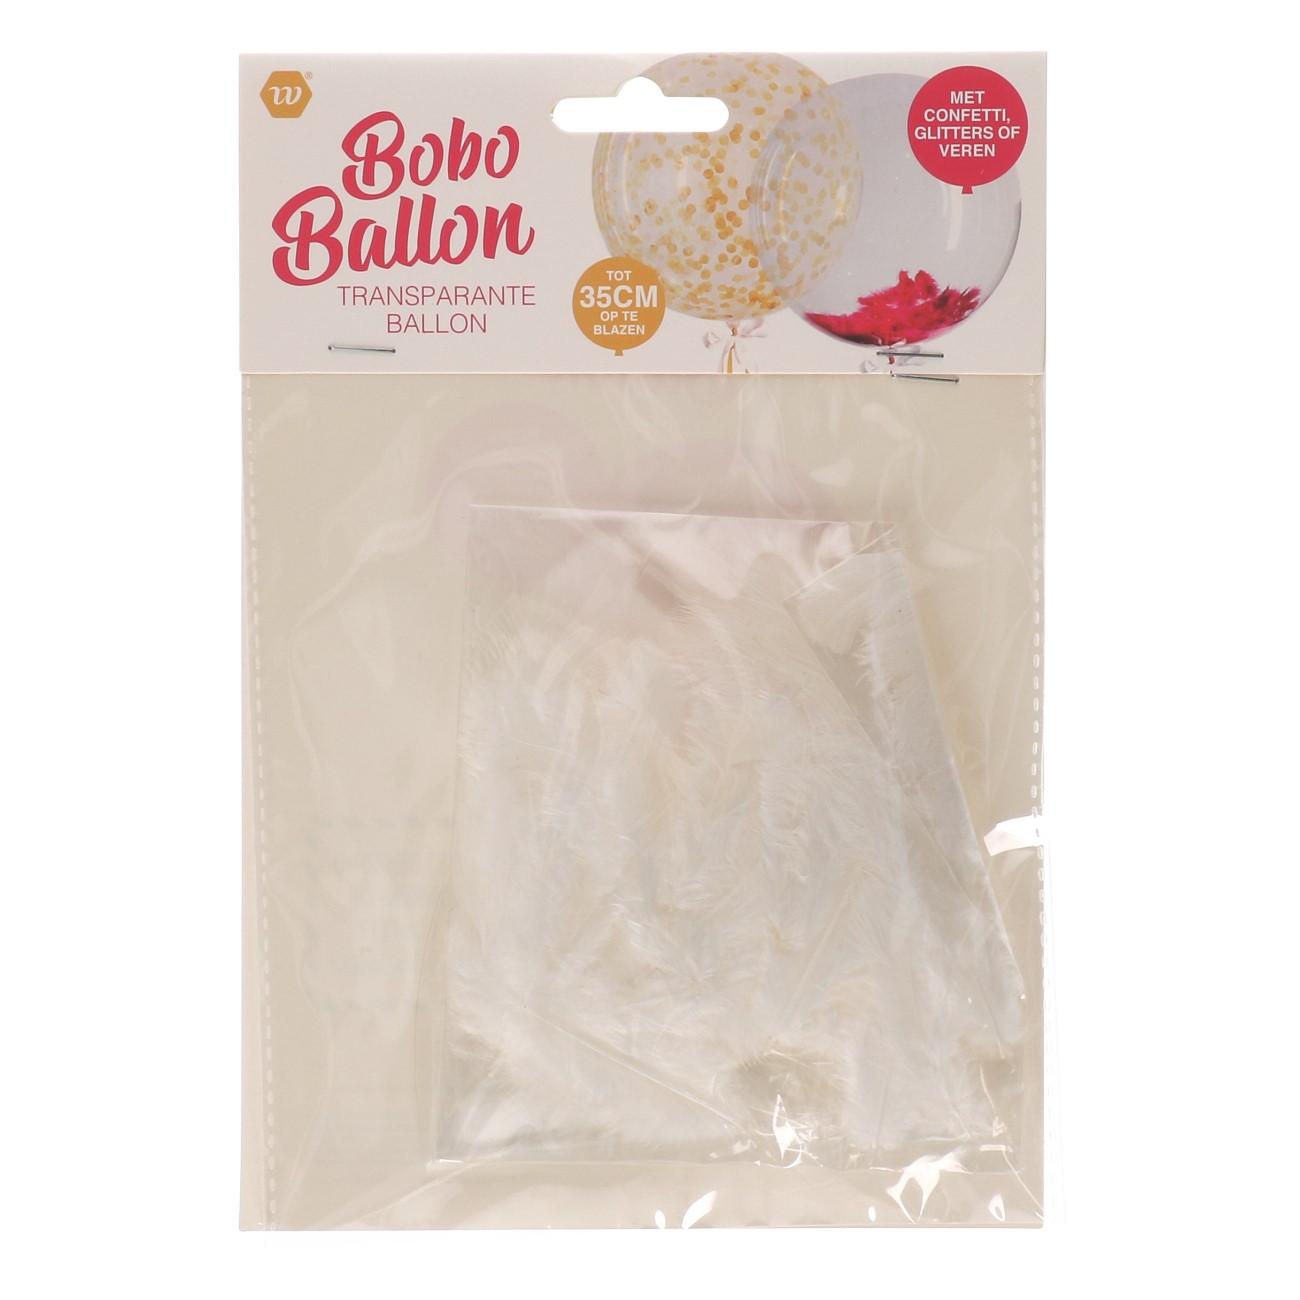 Bobo ballon met veren